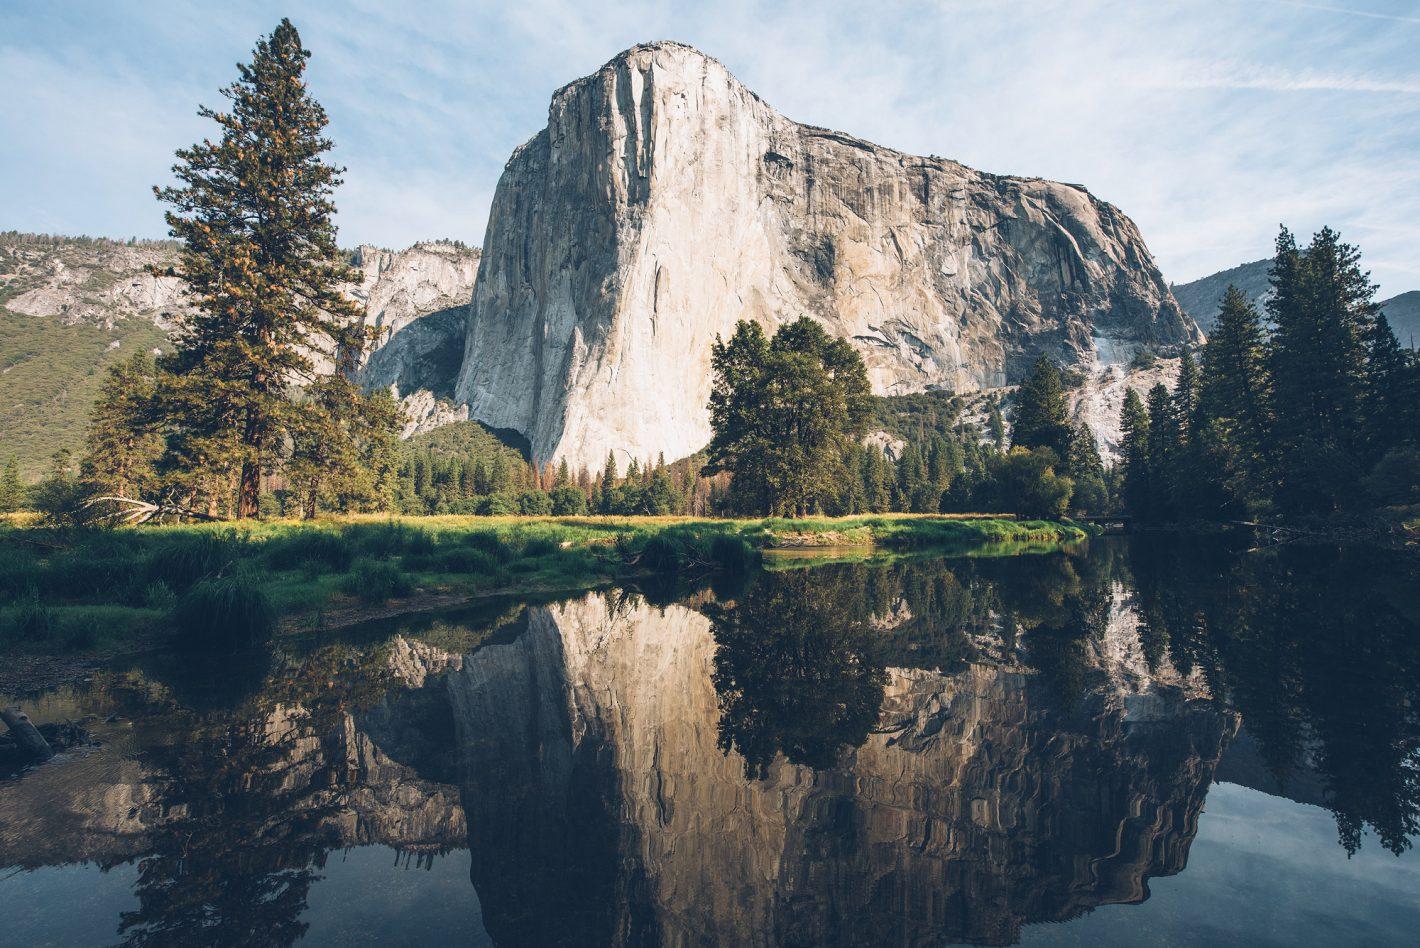 L'INSPIRATION VOYAGE DES BESTJOBERS N°2 : ÉCHAPPÉES DANS LE GRAND OUEST AMÉRICAIN - Yosemite